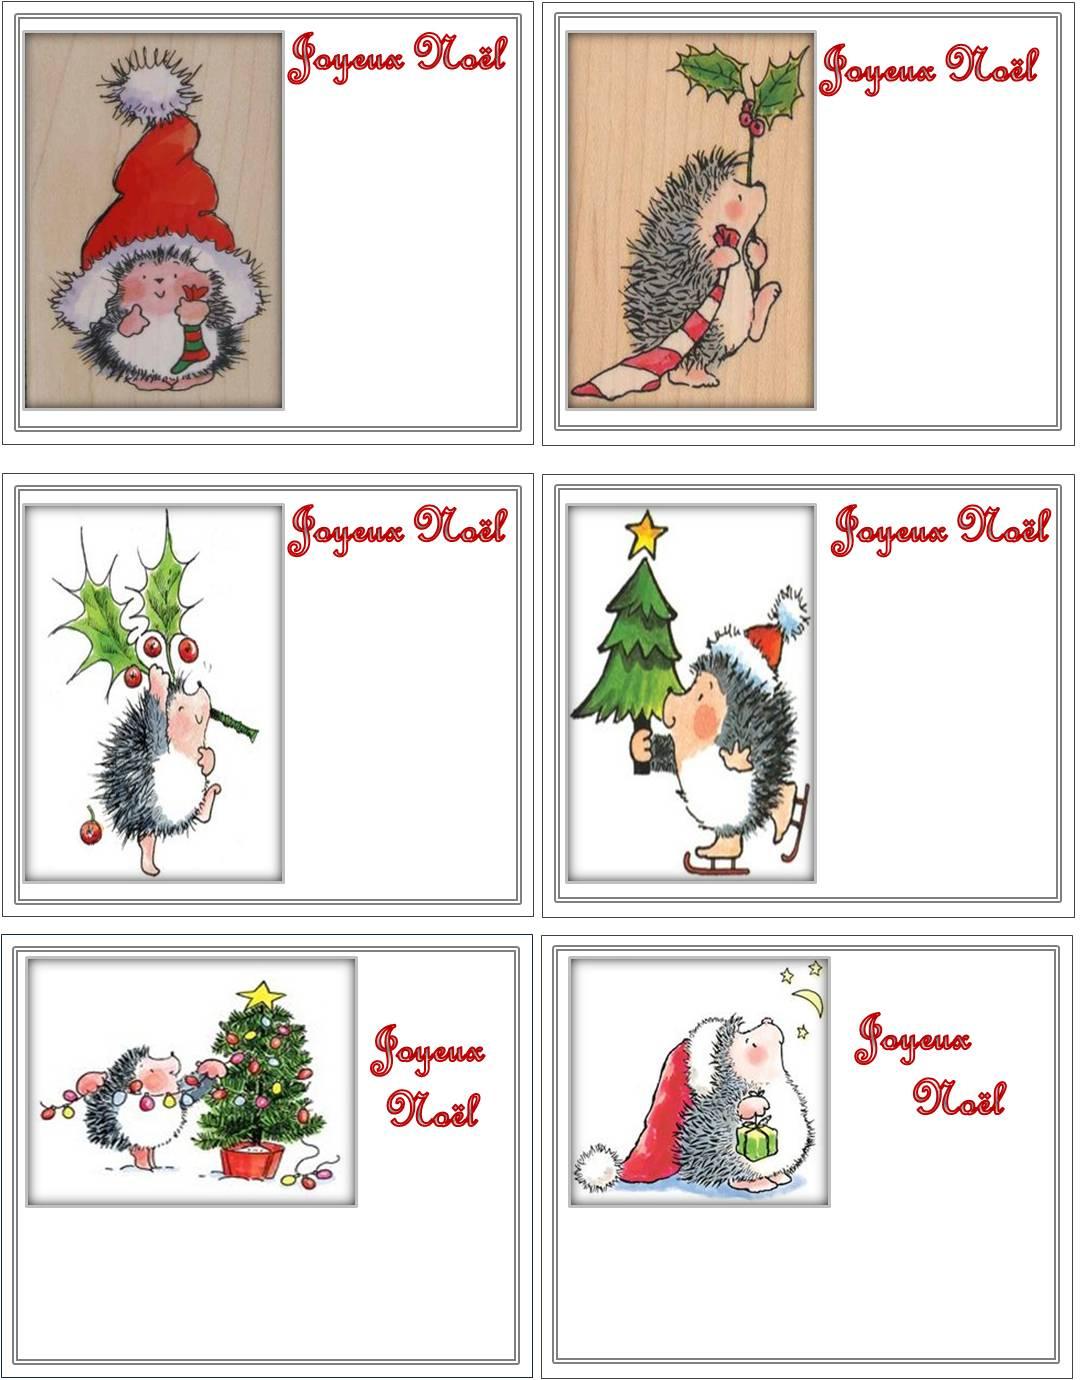 Petites Cartes Joyeux Noël  - Flânerie Au Fil Des Saisons intérieur Carte Joyeux Noel À Imprimer